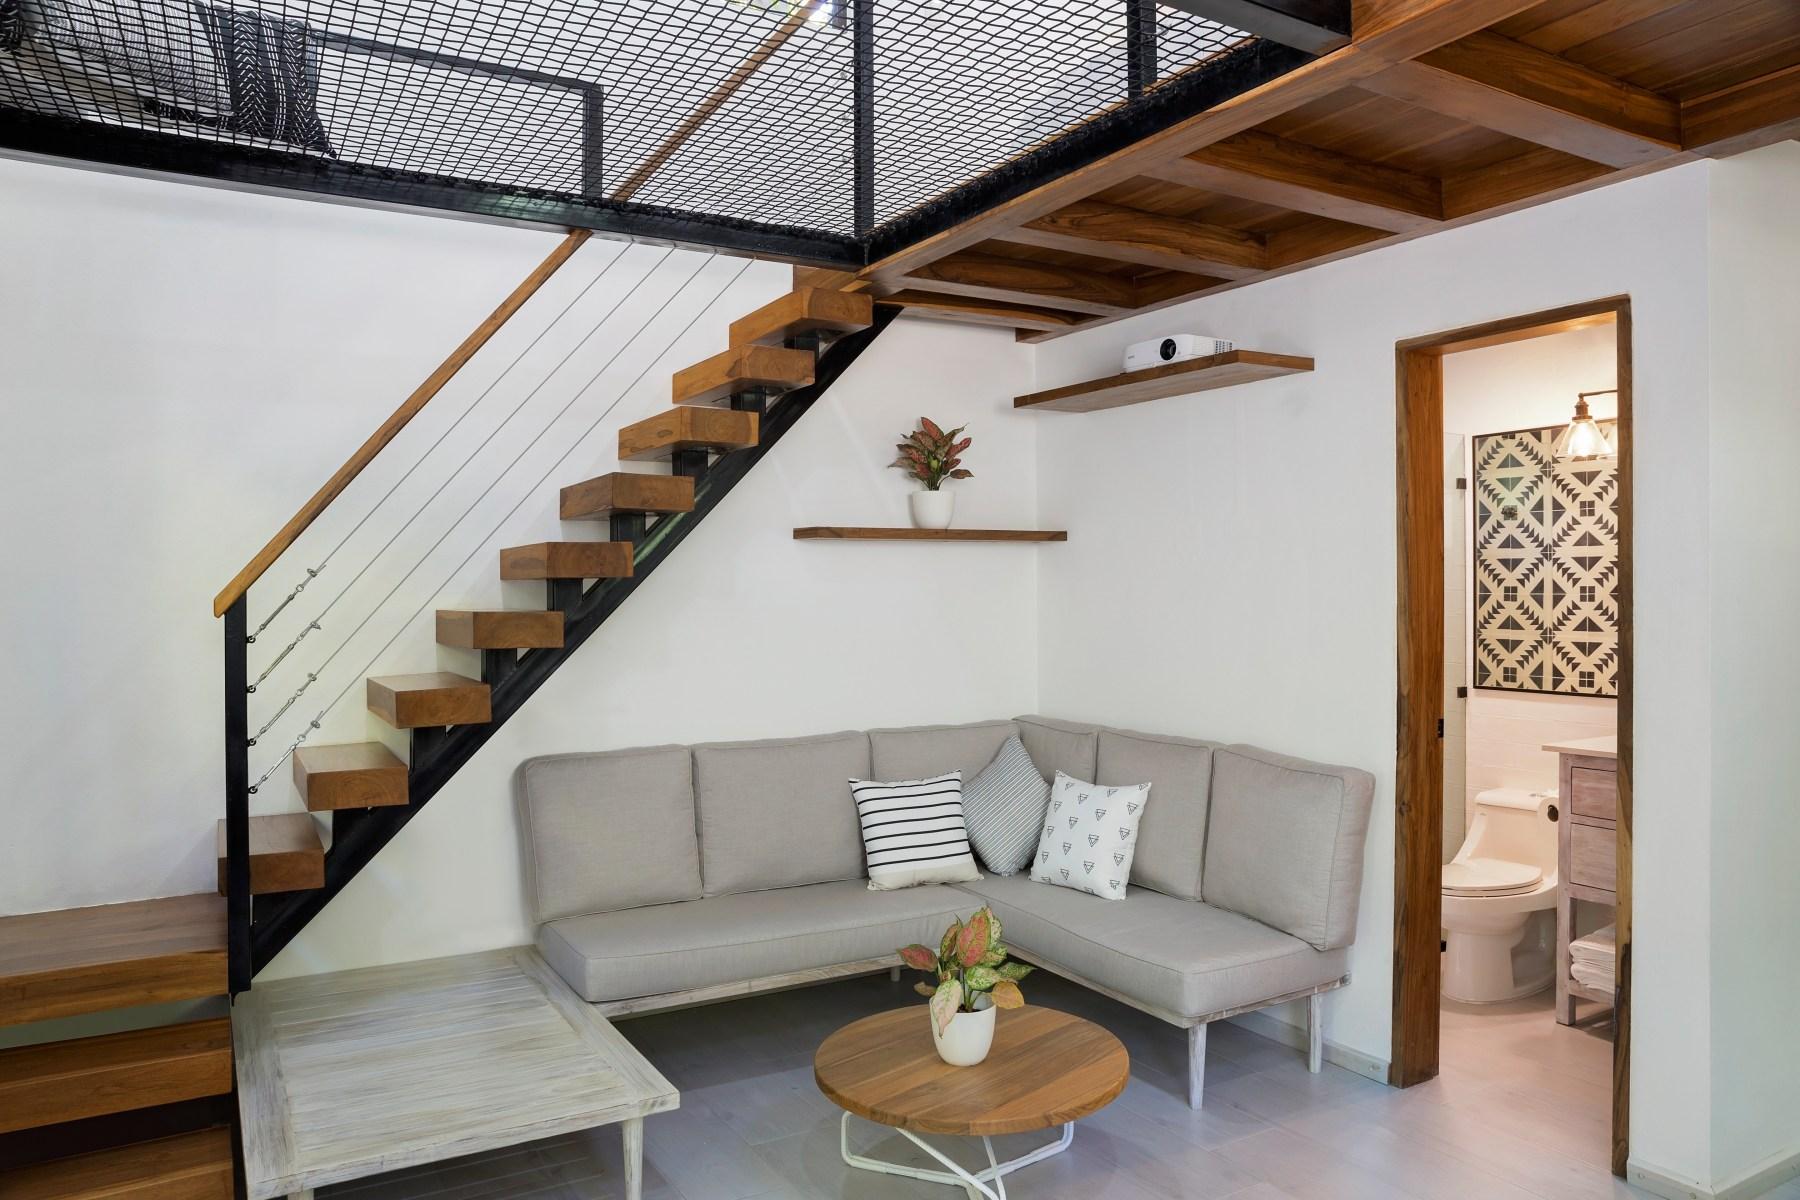 Casa_Almendra_Casita_Living_Area_CC